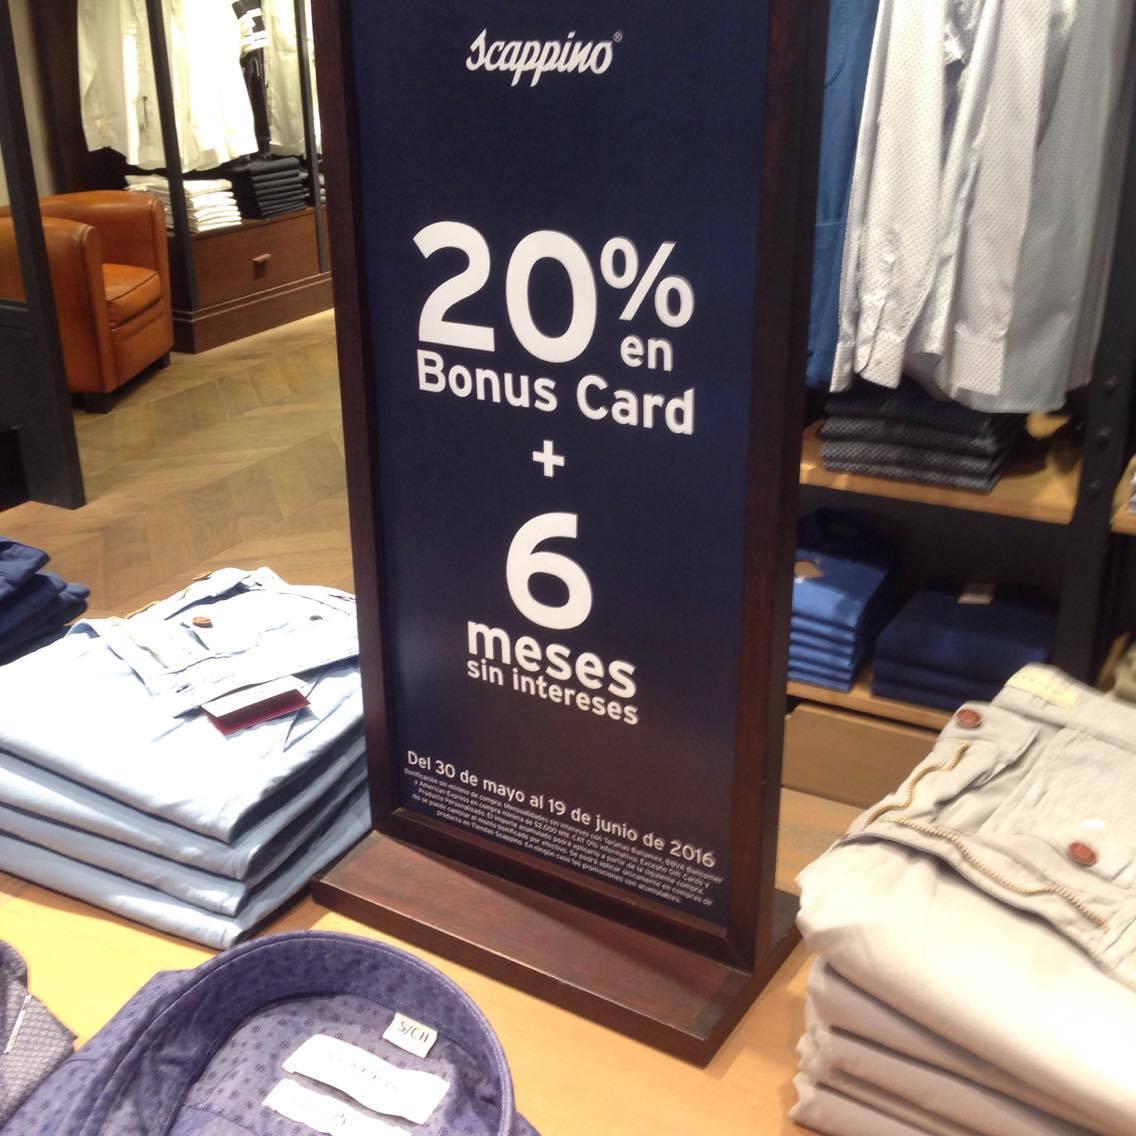 Scappino: 20% Bonificaciòn en toda la tienda sin minimo de compra + 6 meses sin intereses con compras mayores a $2000